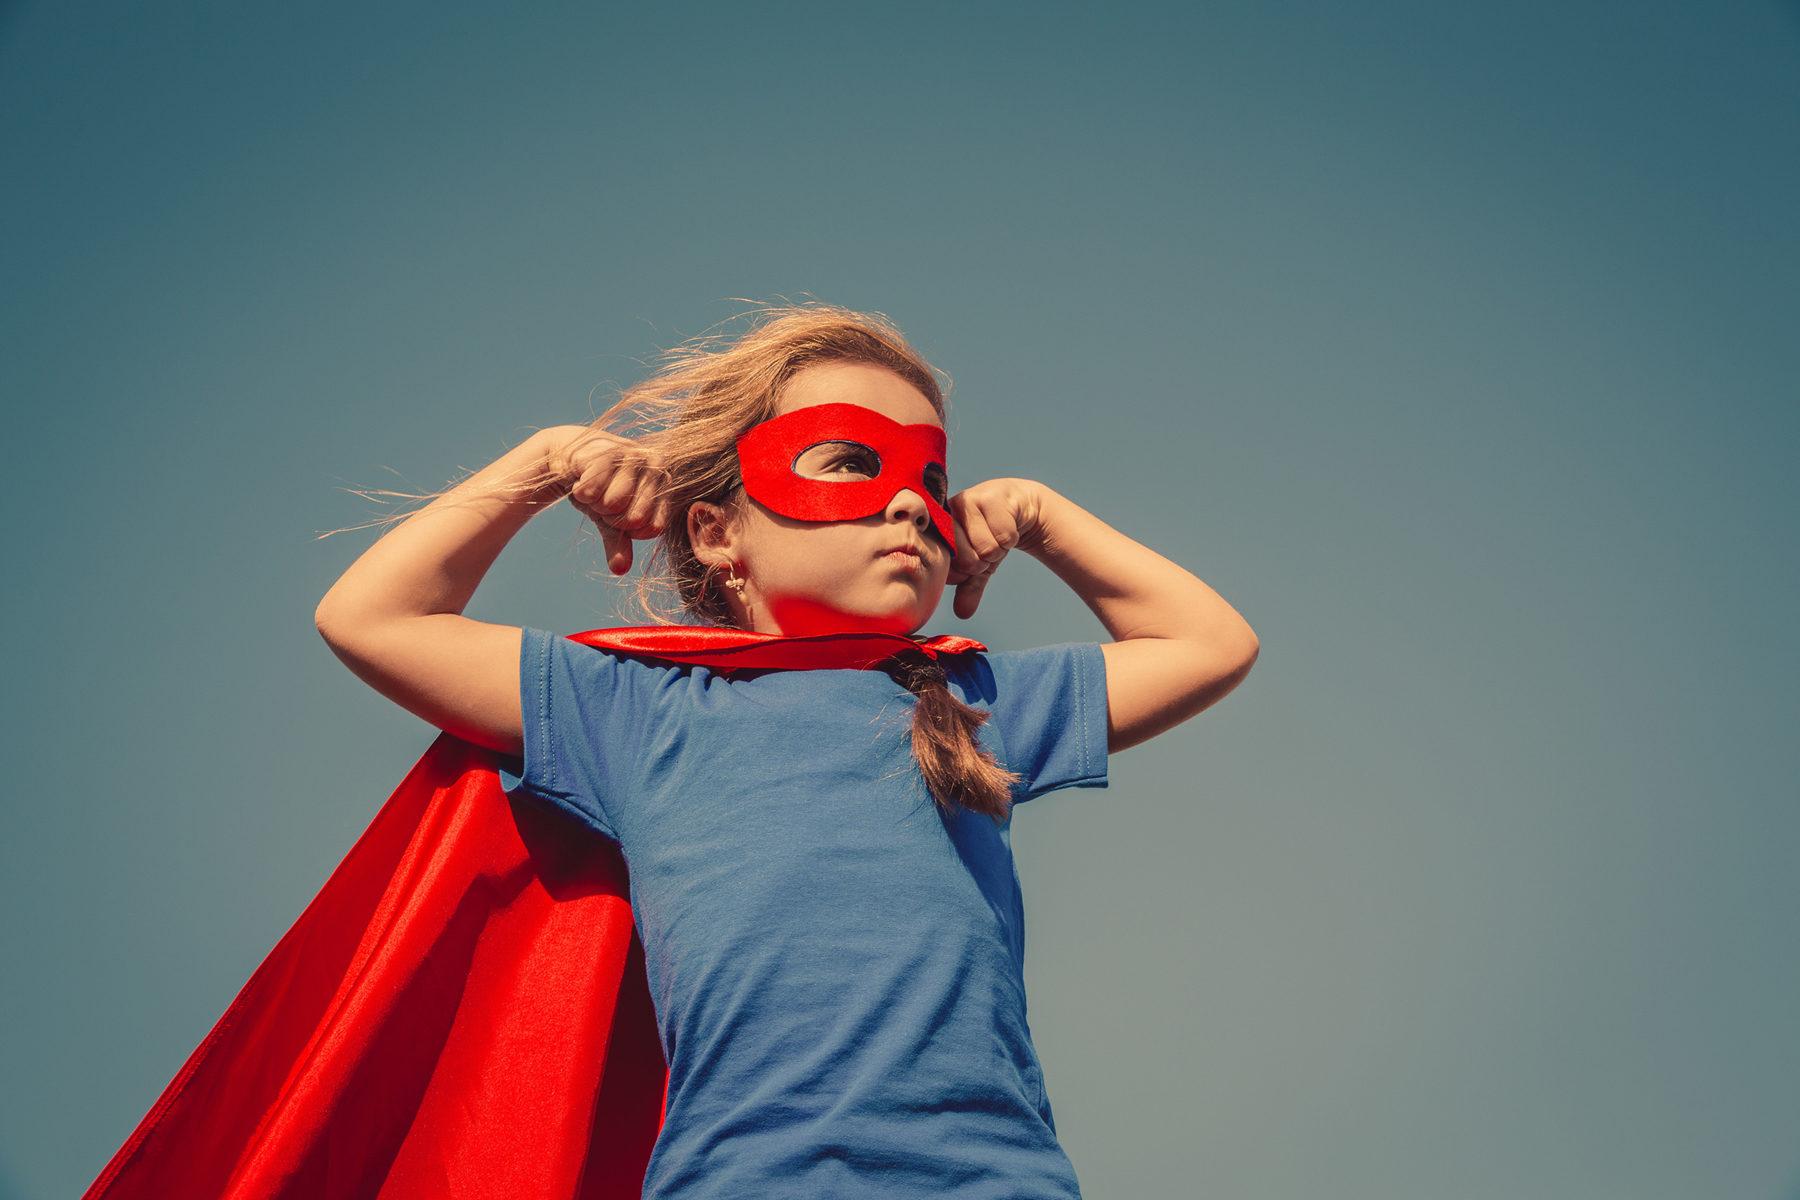 Лекция «Детская самостоятельность, или Как помочь ему расти» – события на сайте «Московские Сезоны»